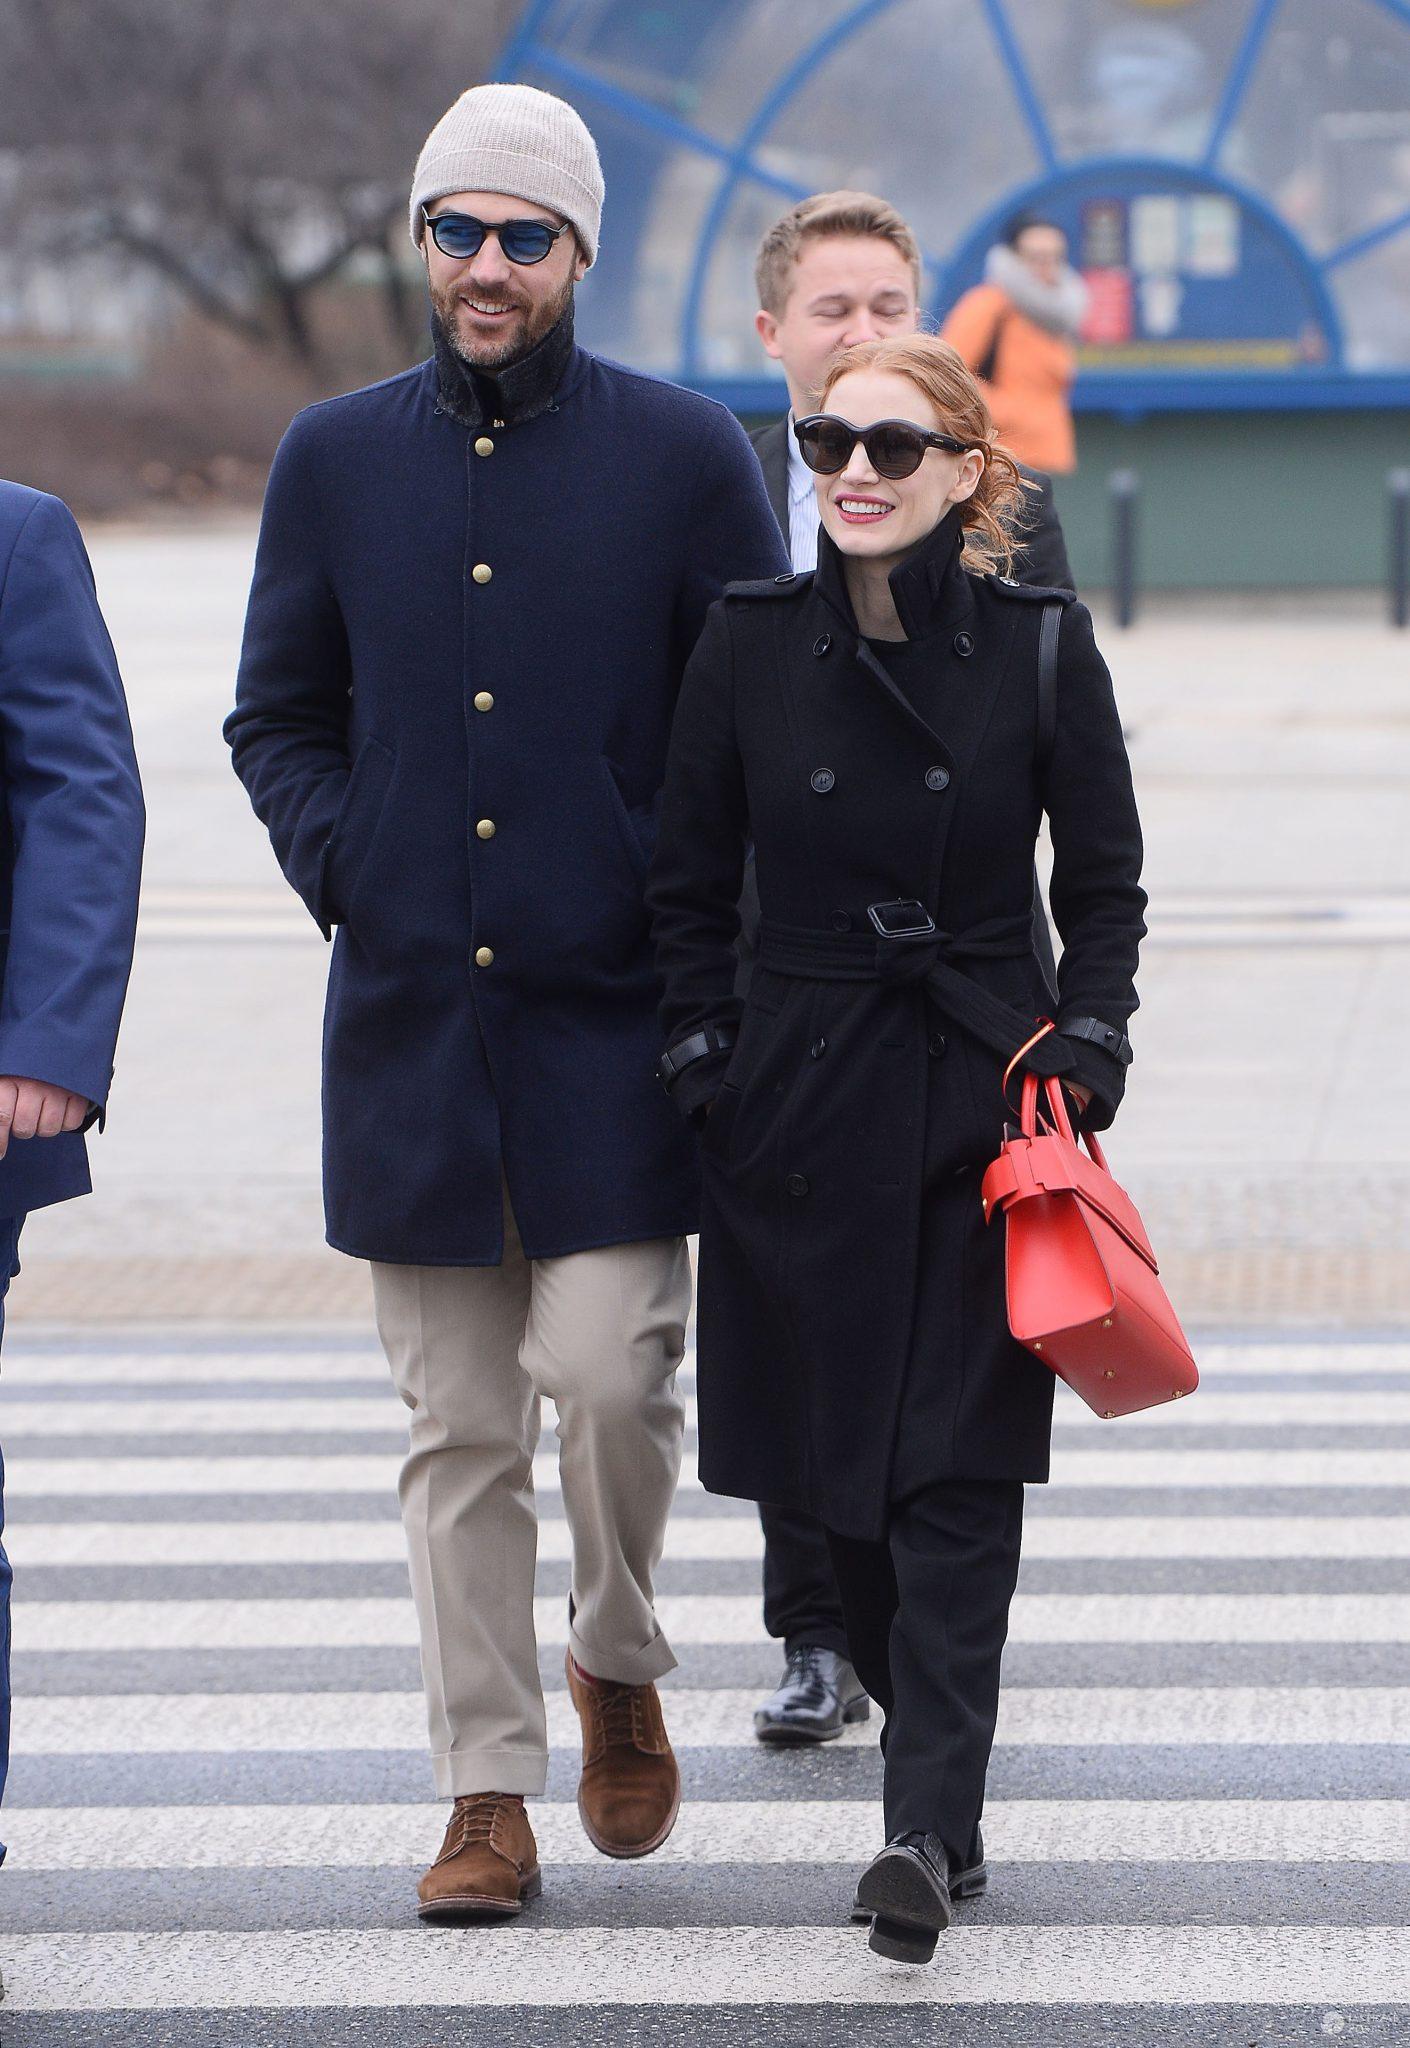 Jessica Chastain wsparła protest w Warszawie! Najpierw mocne przesłanie do Polek, a potem udział w marszu! Mamy zdjęcia [WIDEO] - Jessica Chastain na Międzynarodowym Strajku Kobiet w Warszawie